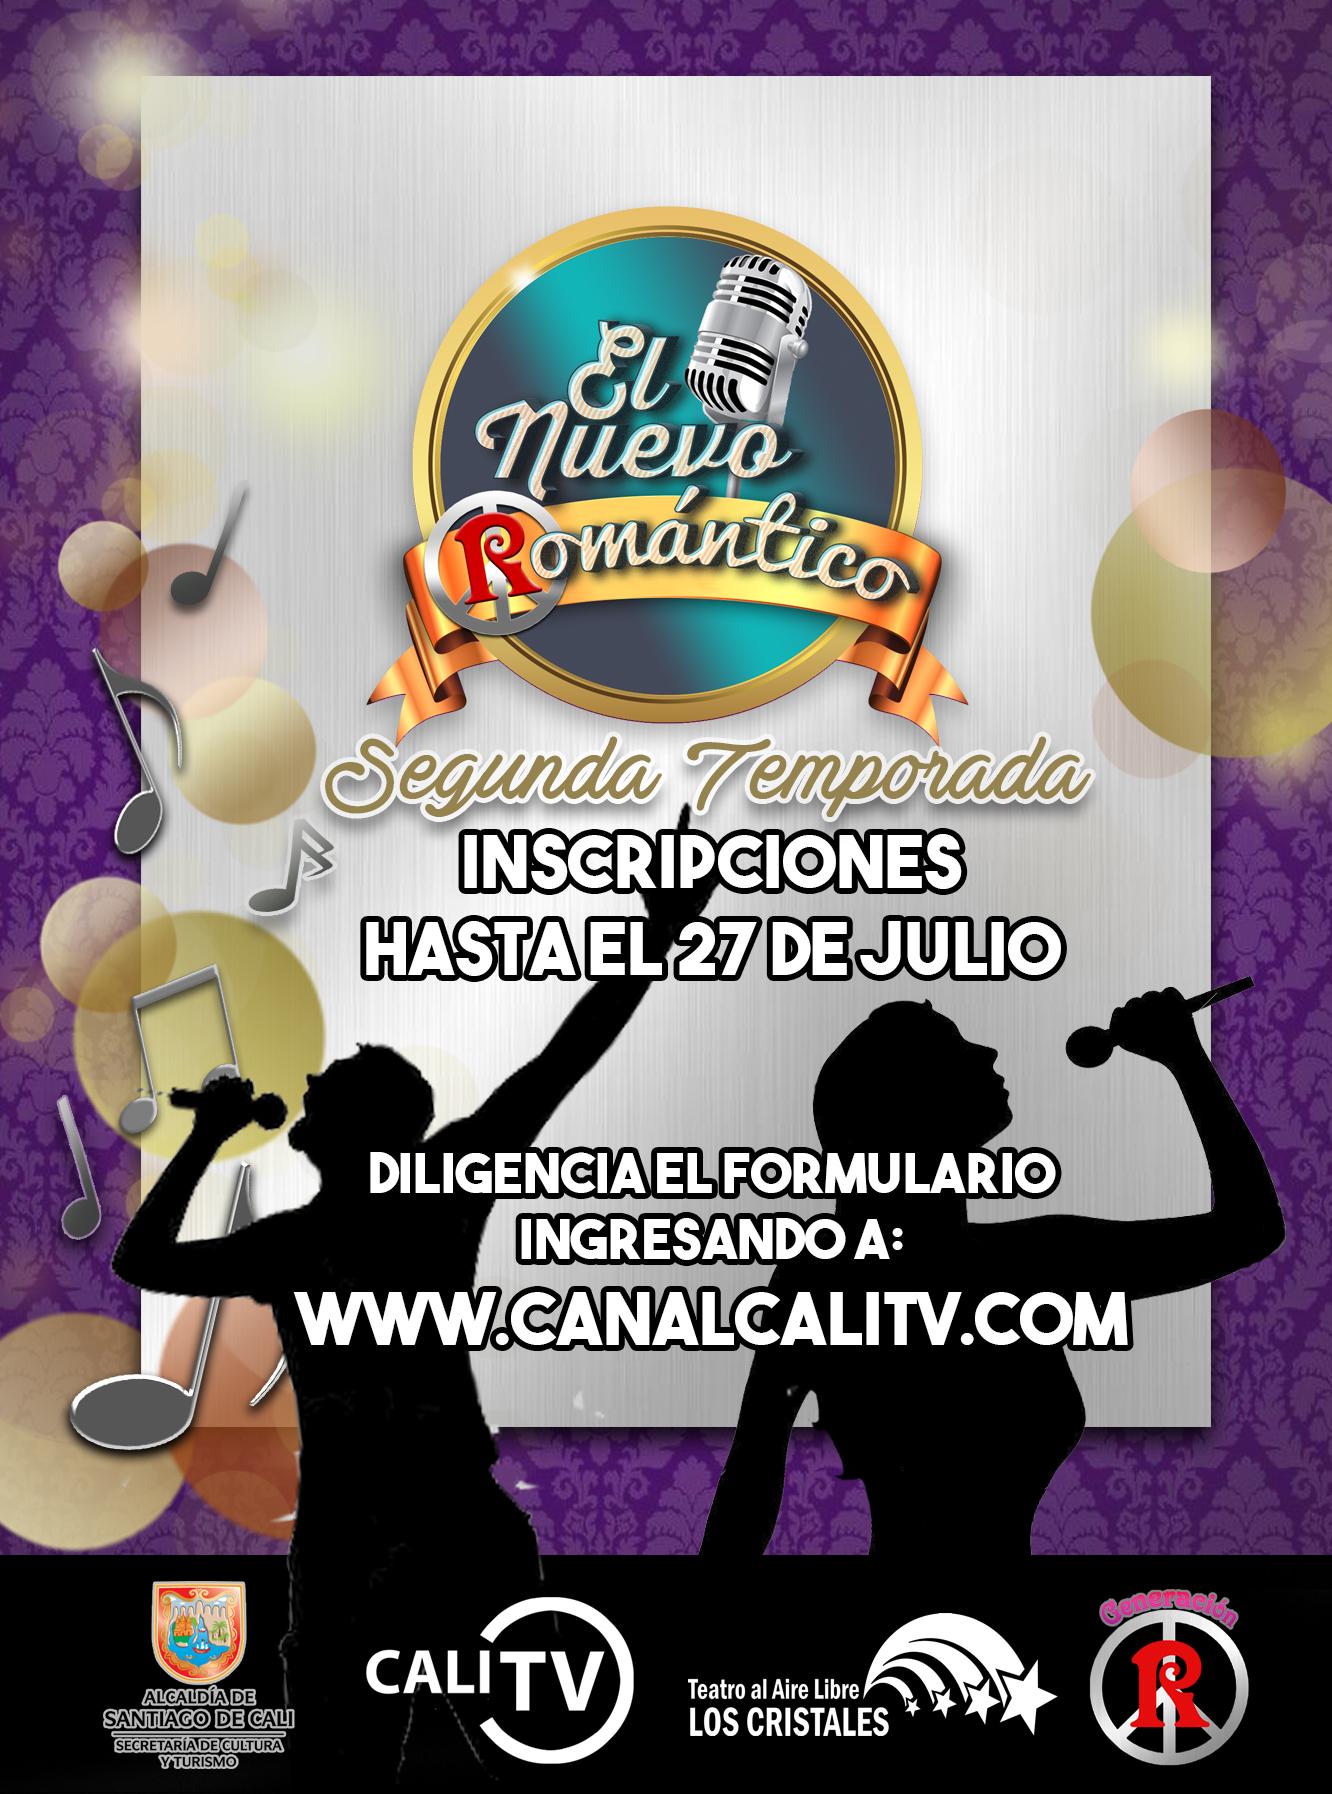 """Están abiertas las inscripciones para el concurso de canto """"El Nuevo Romántico 2017"""""""